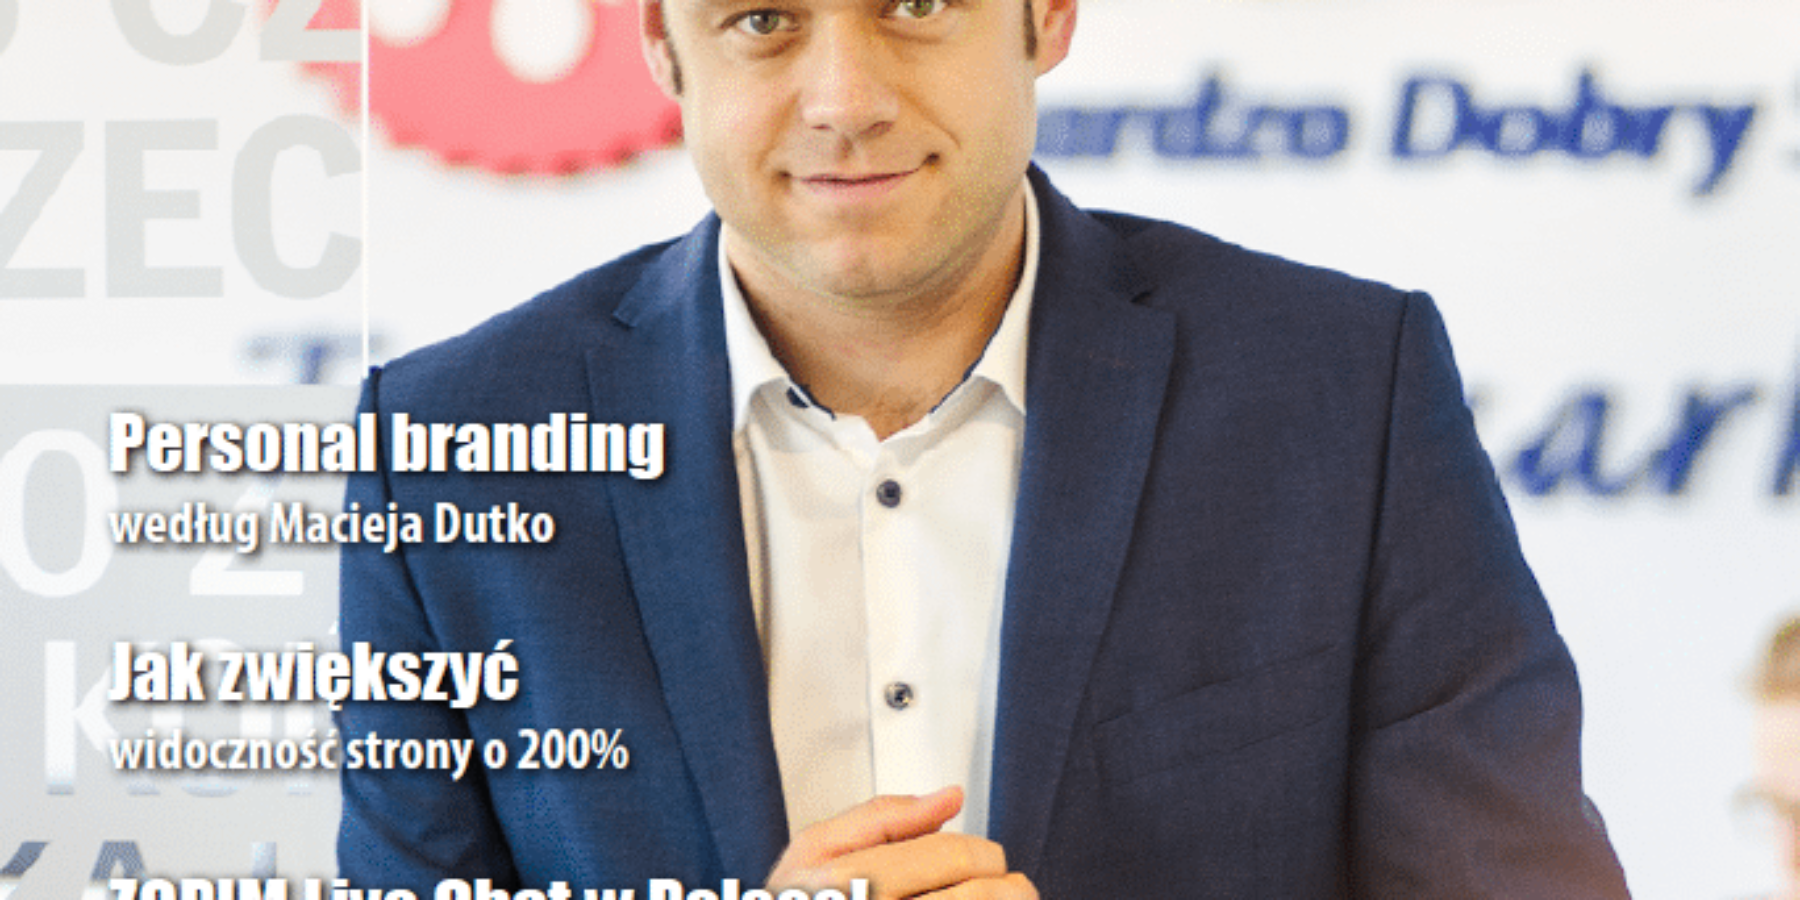 Najciekawsze cytaty zmagazynu Marketing & Biznes kwiecień 2015